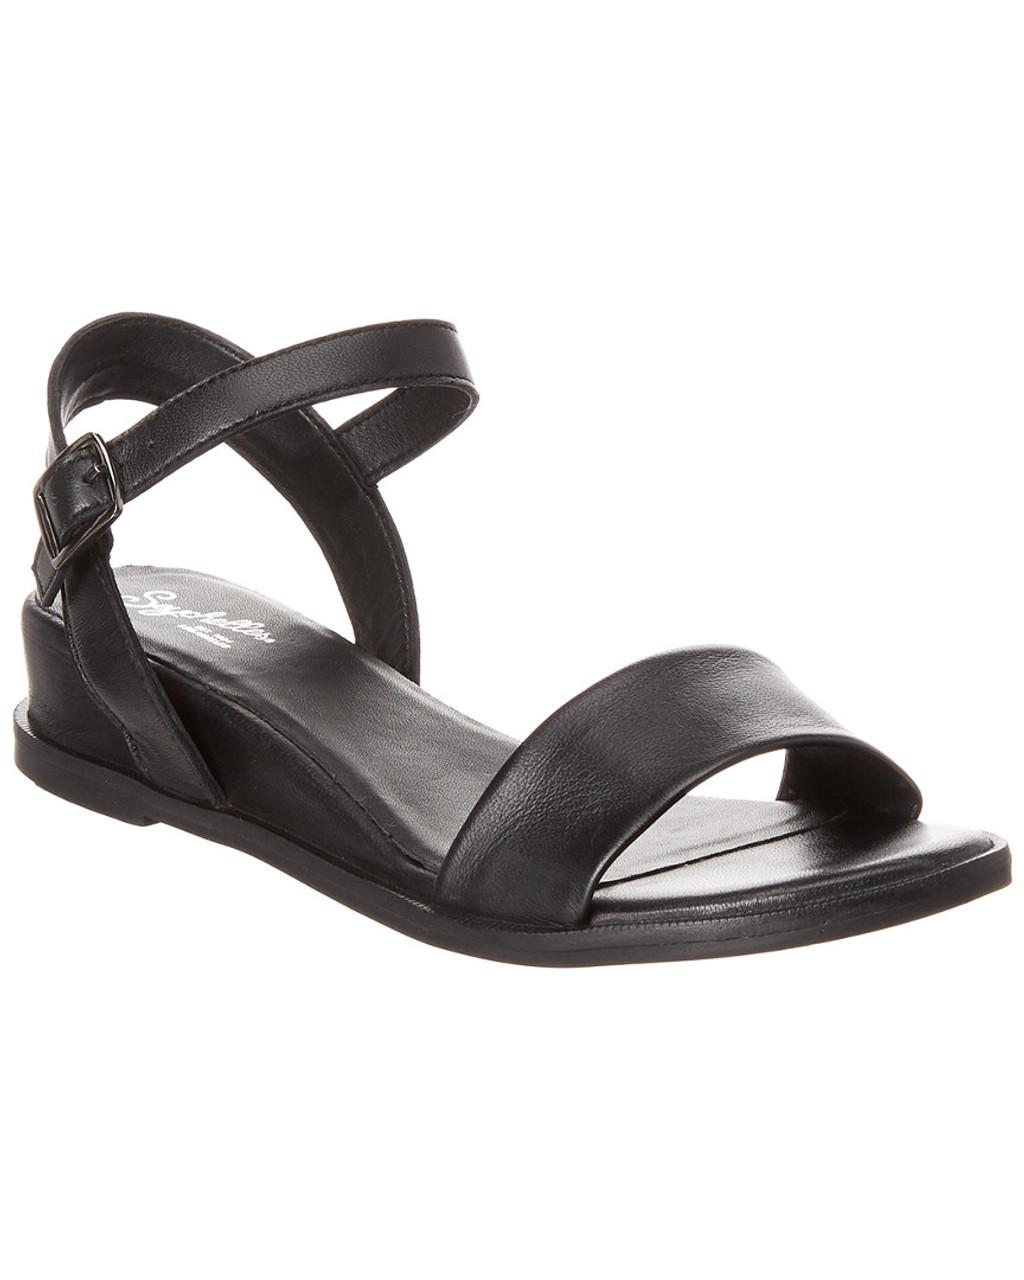 a27333dca9 Seychelles Boardwalk Leather Wedge Sandal~1311946838 - Boston Store